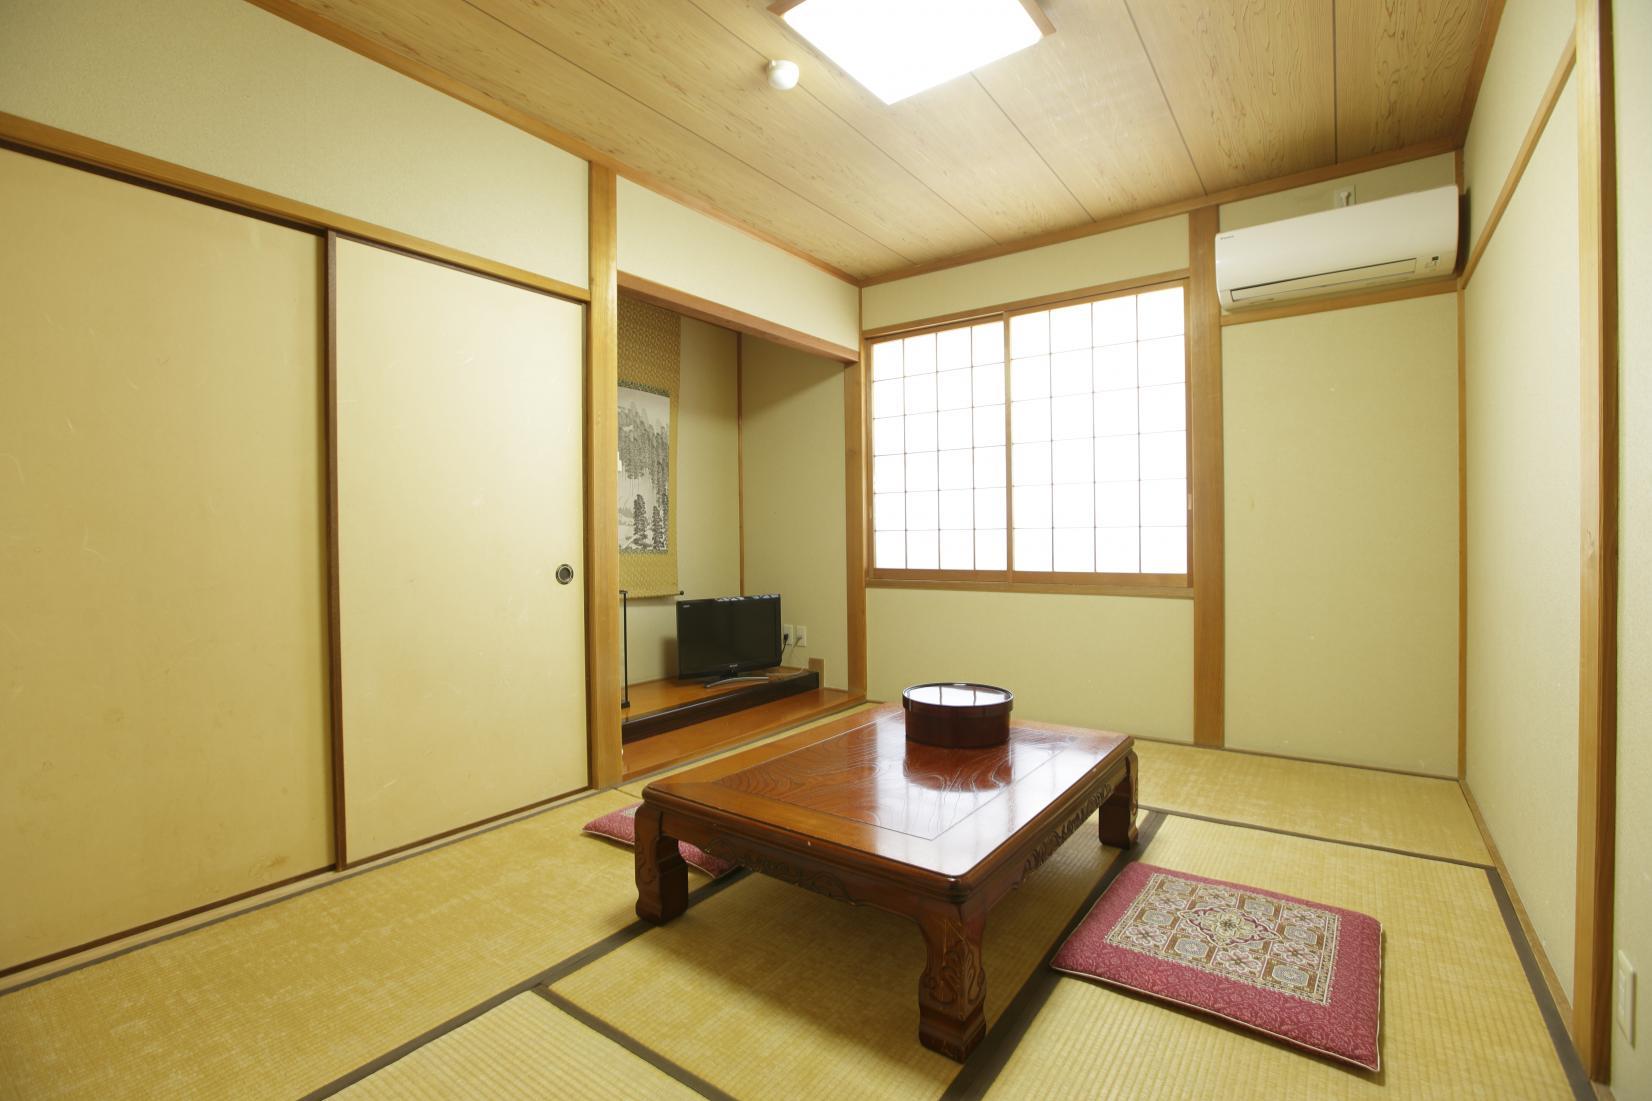 外観も浴場もレトロな雰囲気 旅館千石荘-6